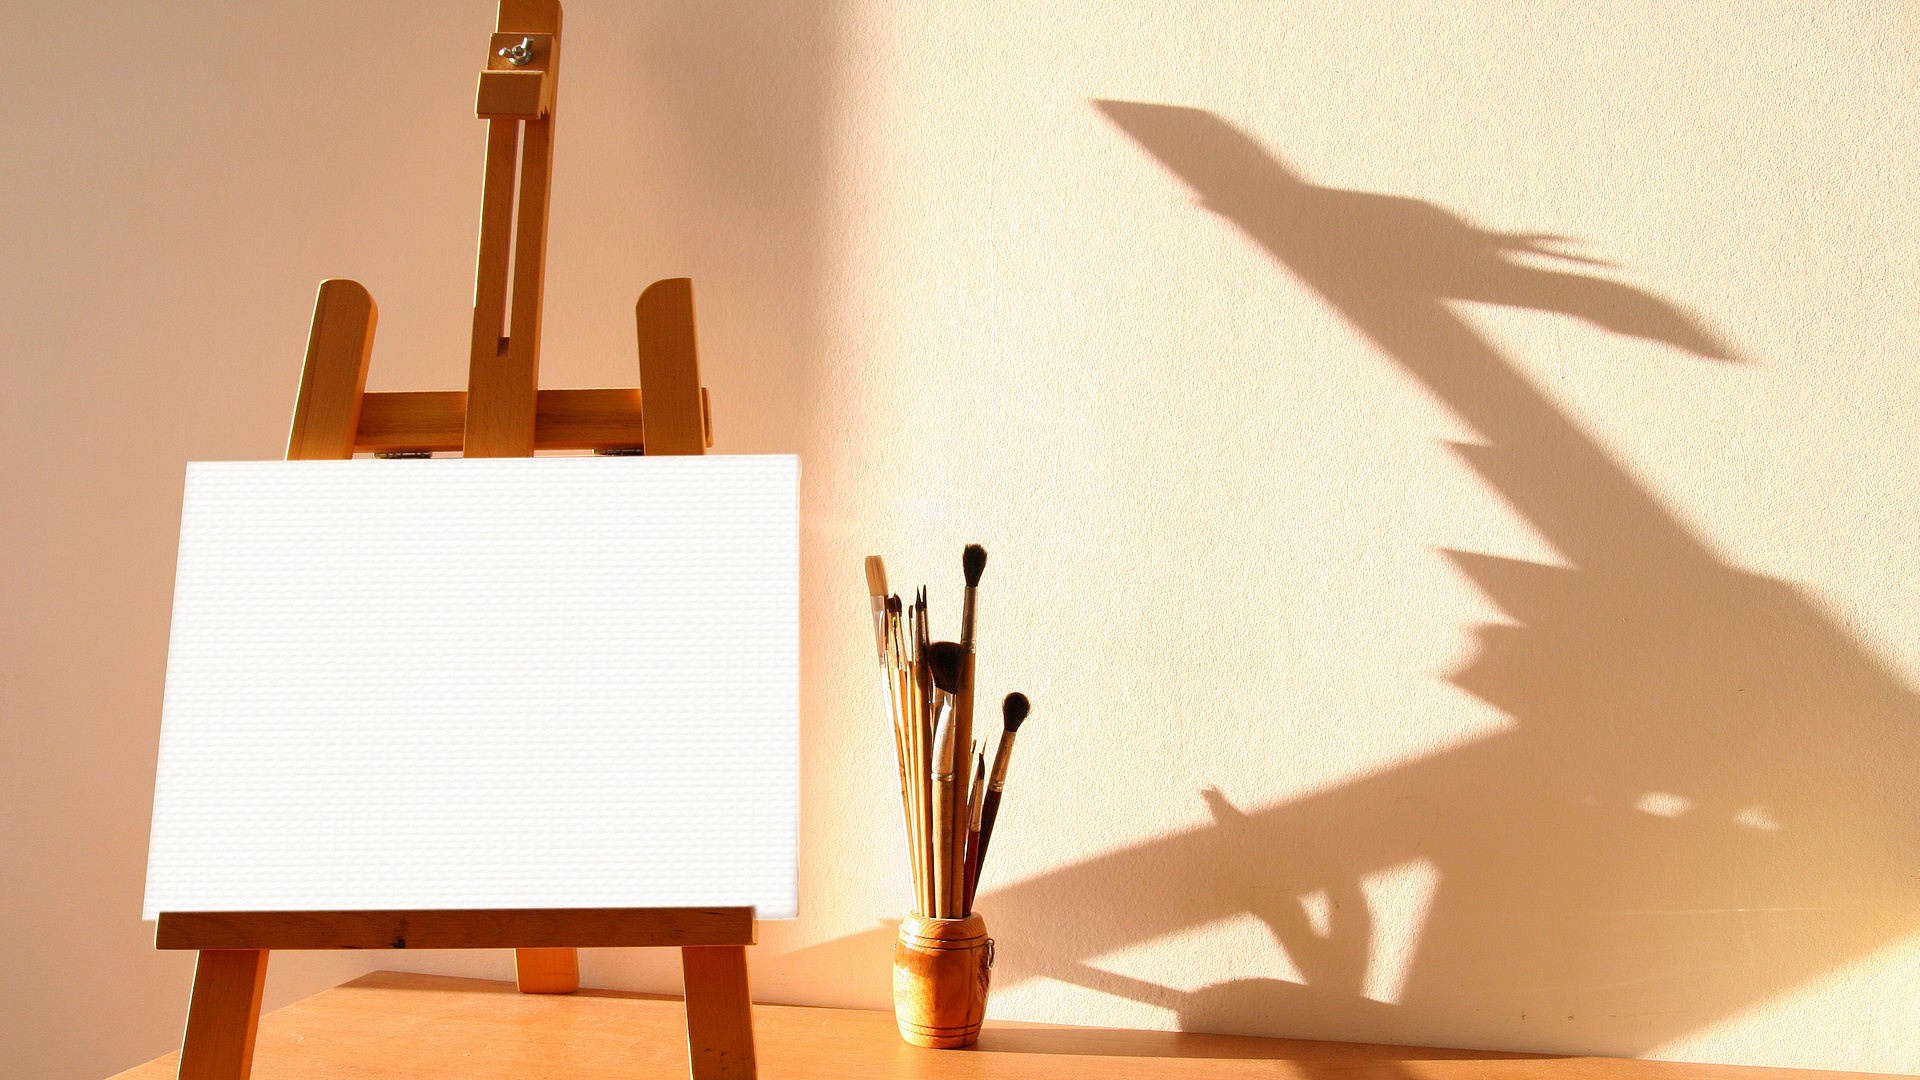 Картинки холст художника